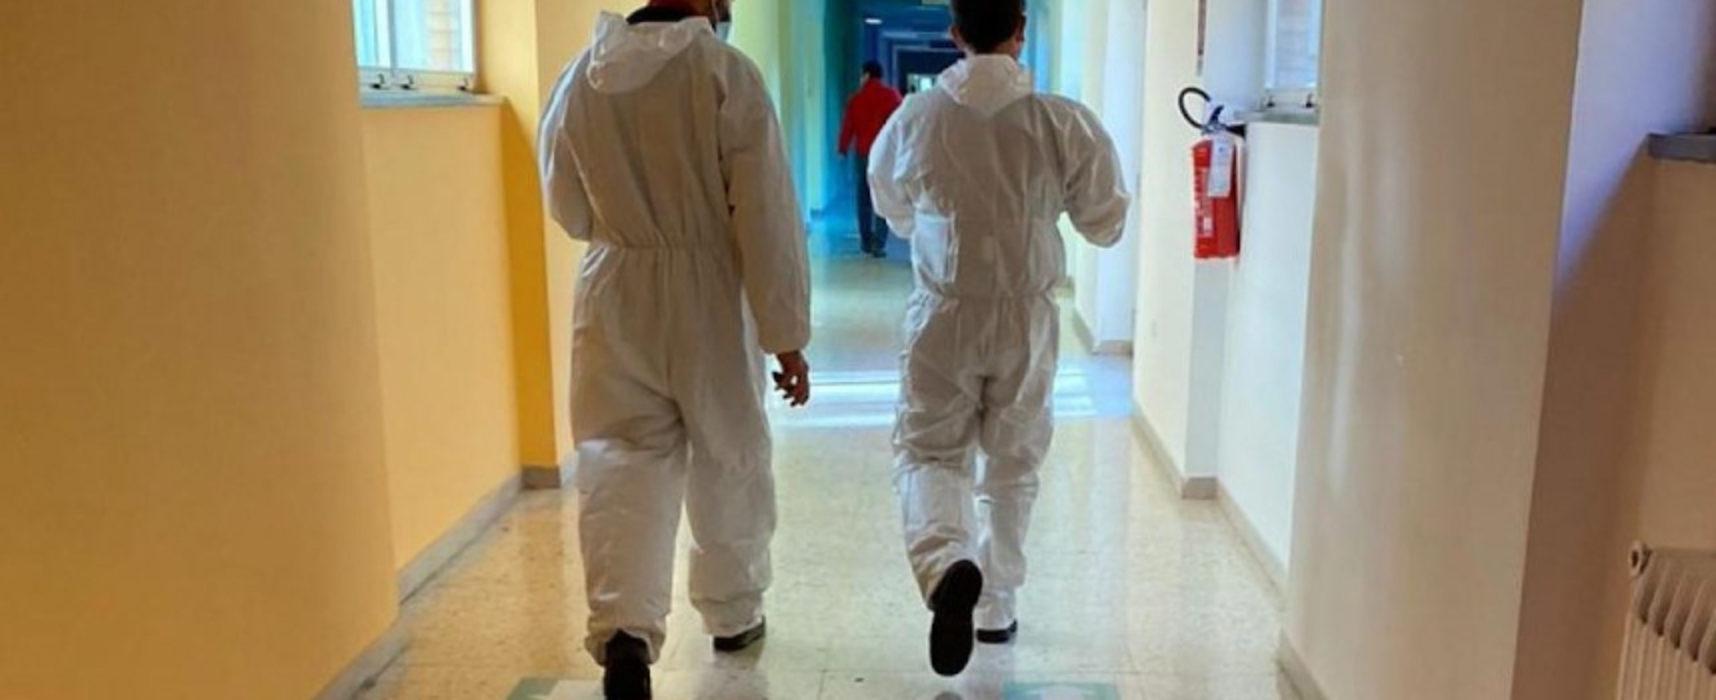 Covid, 232 nuovi casi in Puglia: sono 25 nella Bat